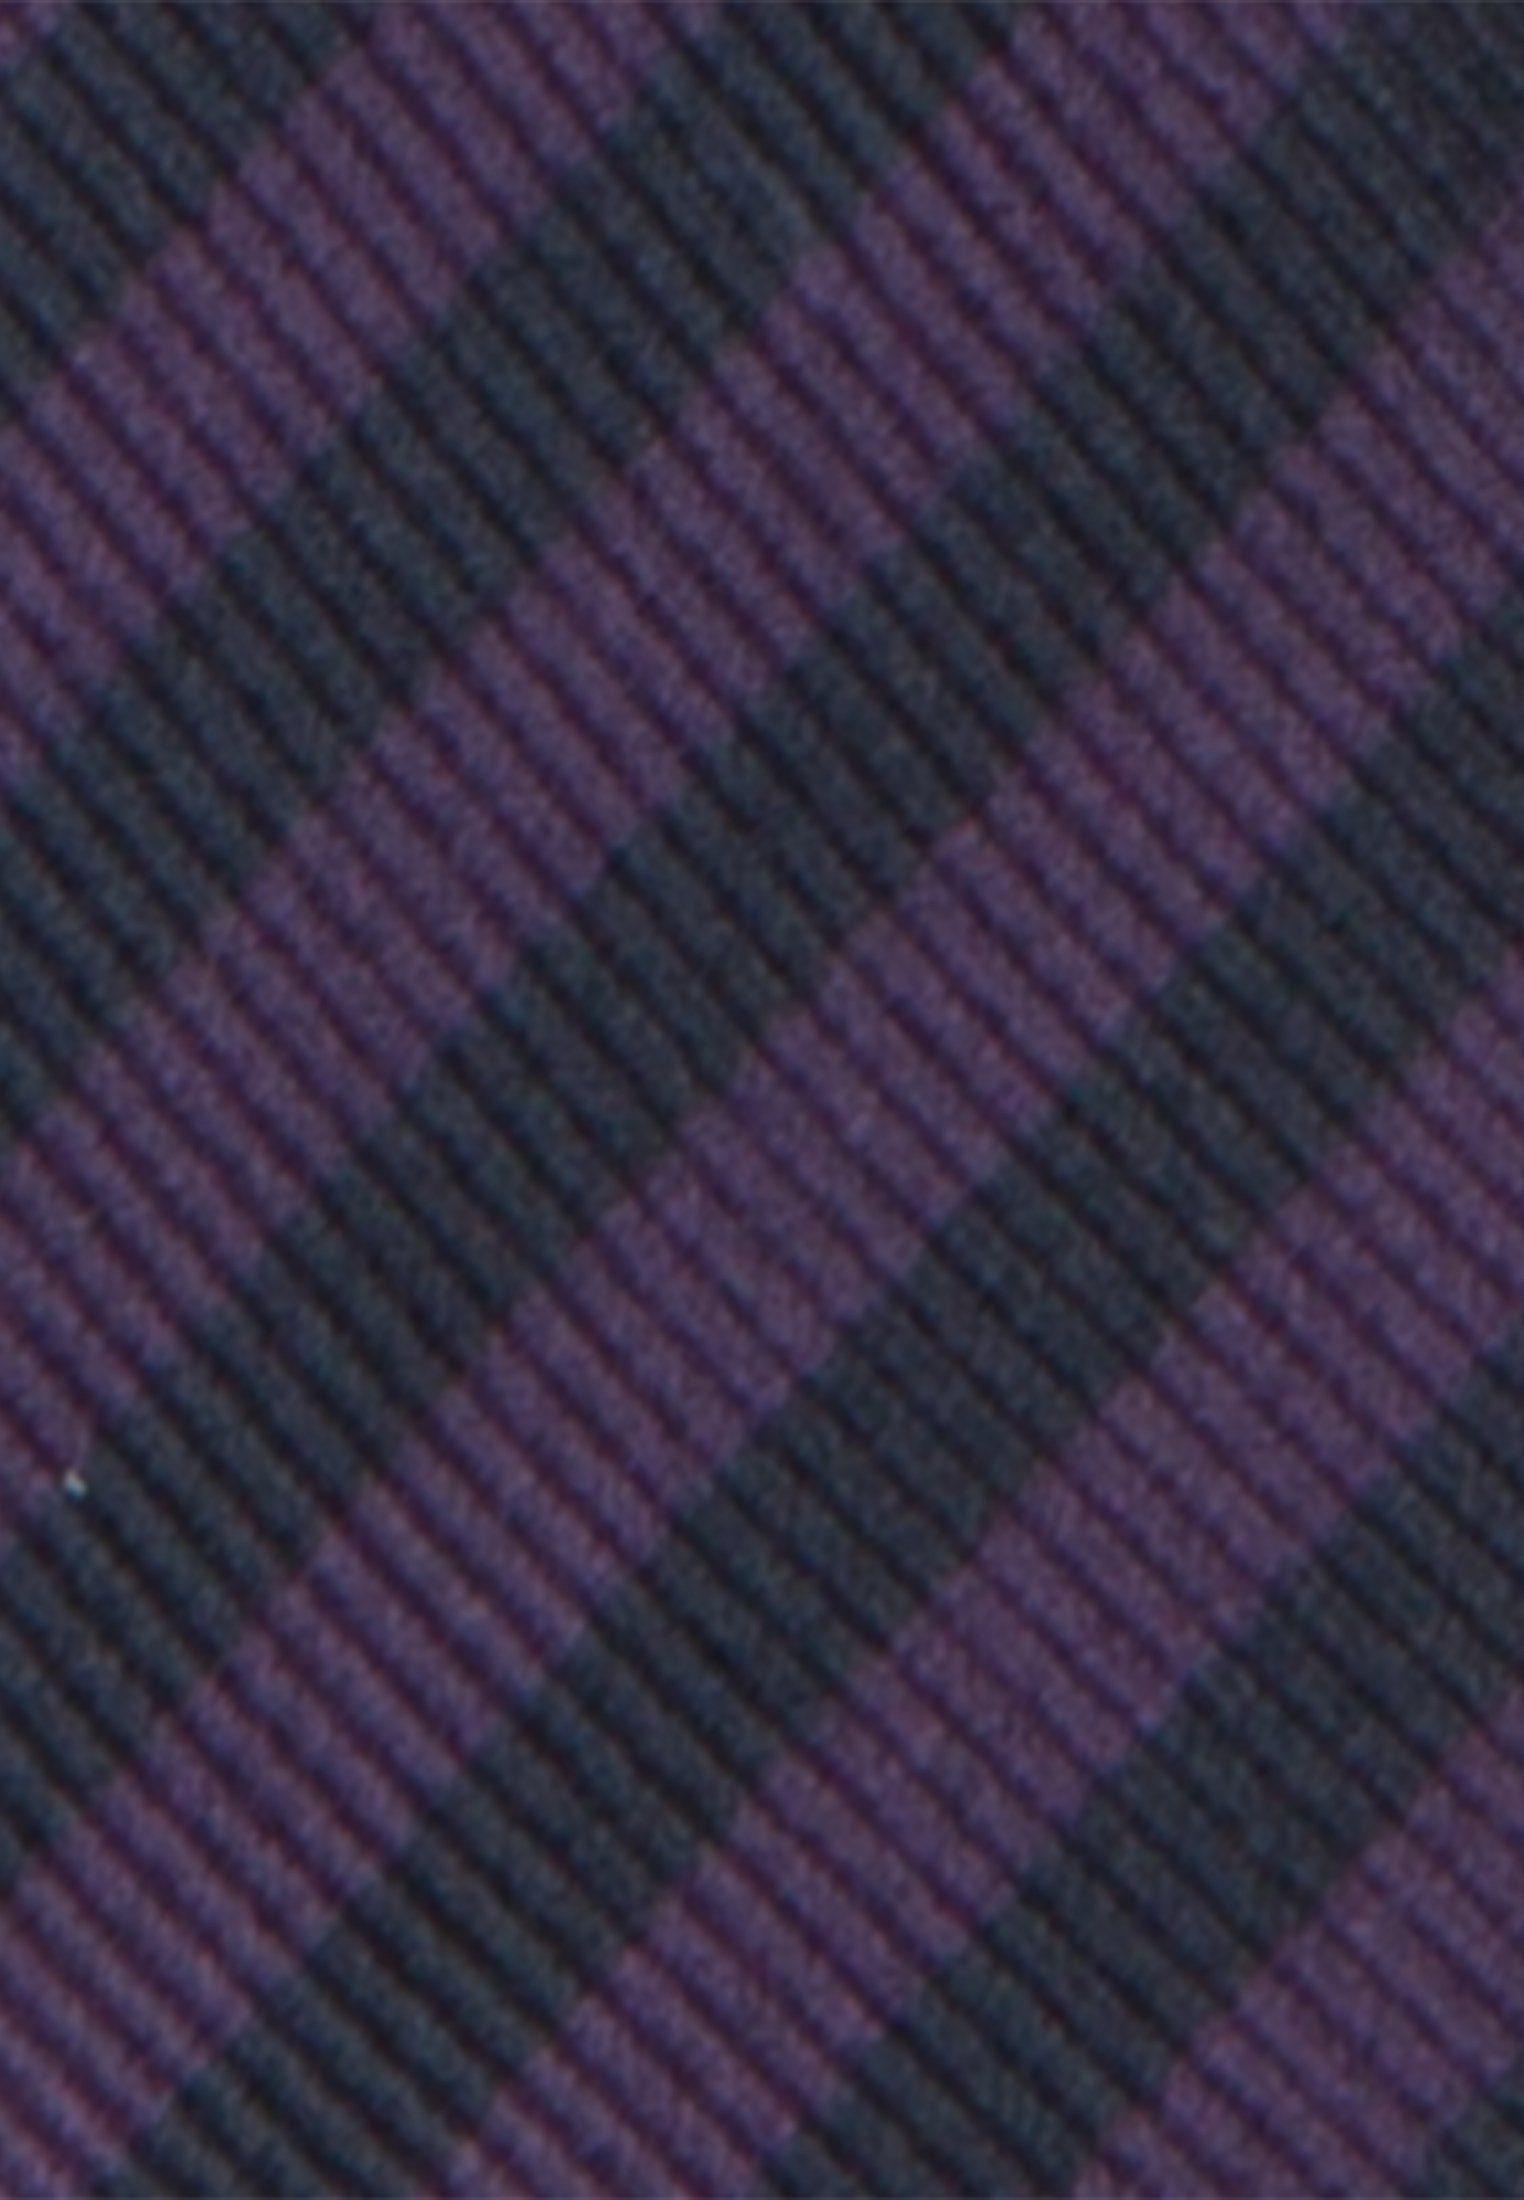 »slim«Schmal5cmKaufen »slim«Schmal5cmKaufen Seidensticker Seidensticker Seidensticker Seidensticker Krawatte Krawatte »slim«Schmal5cmKaufen »slim«Schmal5cmKaufen Seidensticker Krawatte Krawatte LR4A3j5